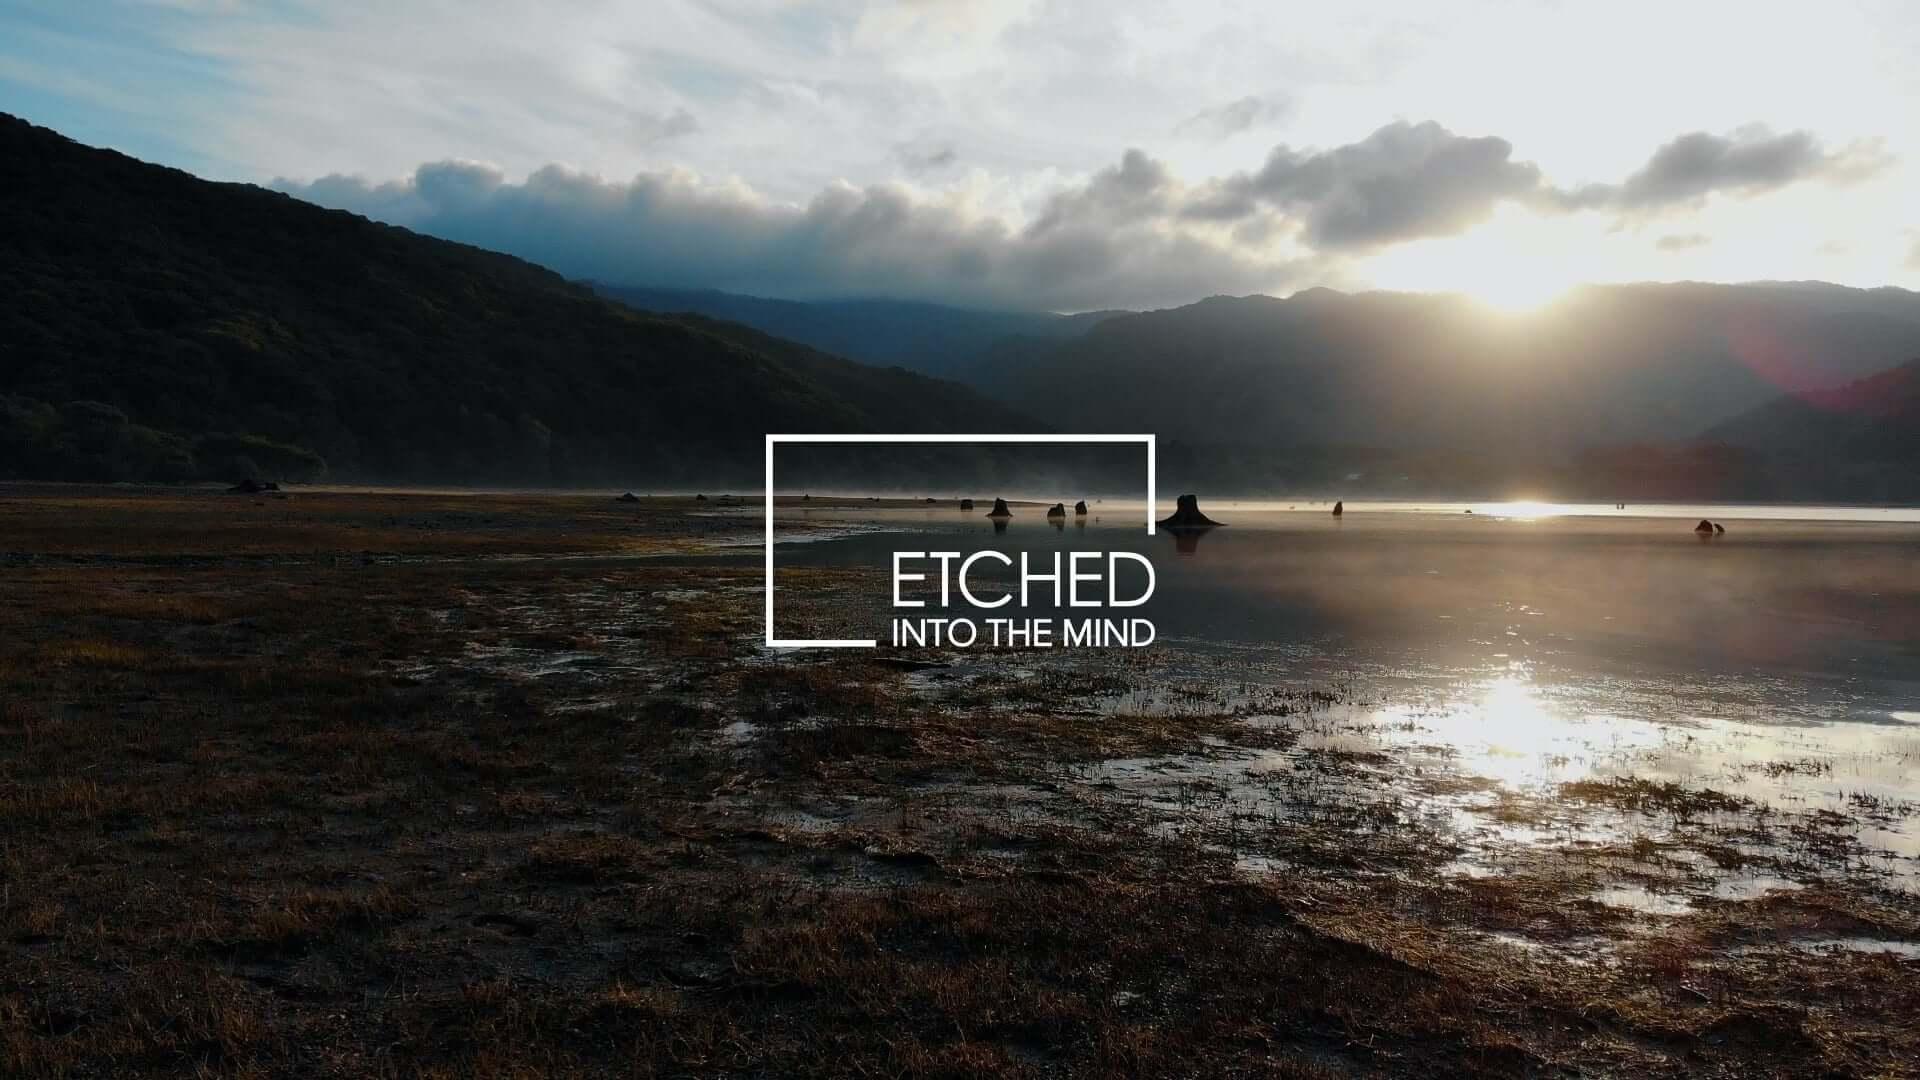 日本の風景&音楽を発信するアートプロジェクト「ETCHED」にSakura Tsurutaが登場!4Kのライブ映像が無料公開 music201120_etched_2-1920x1080